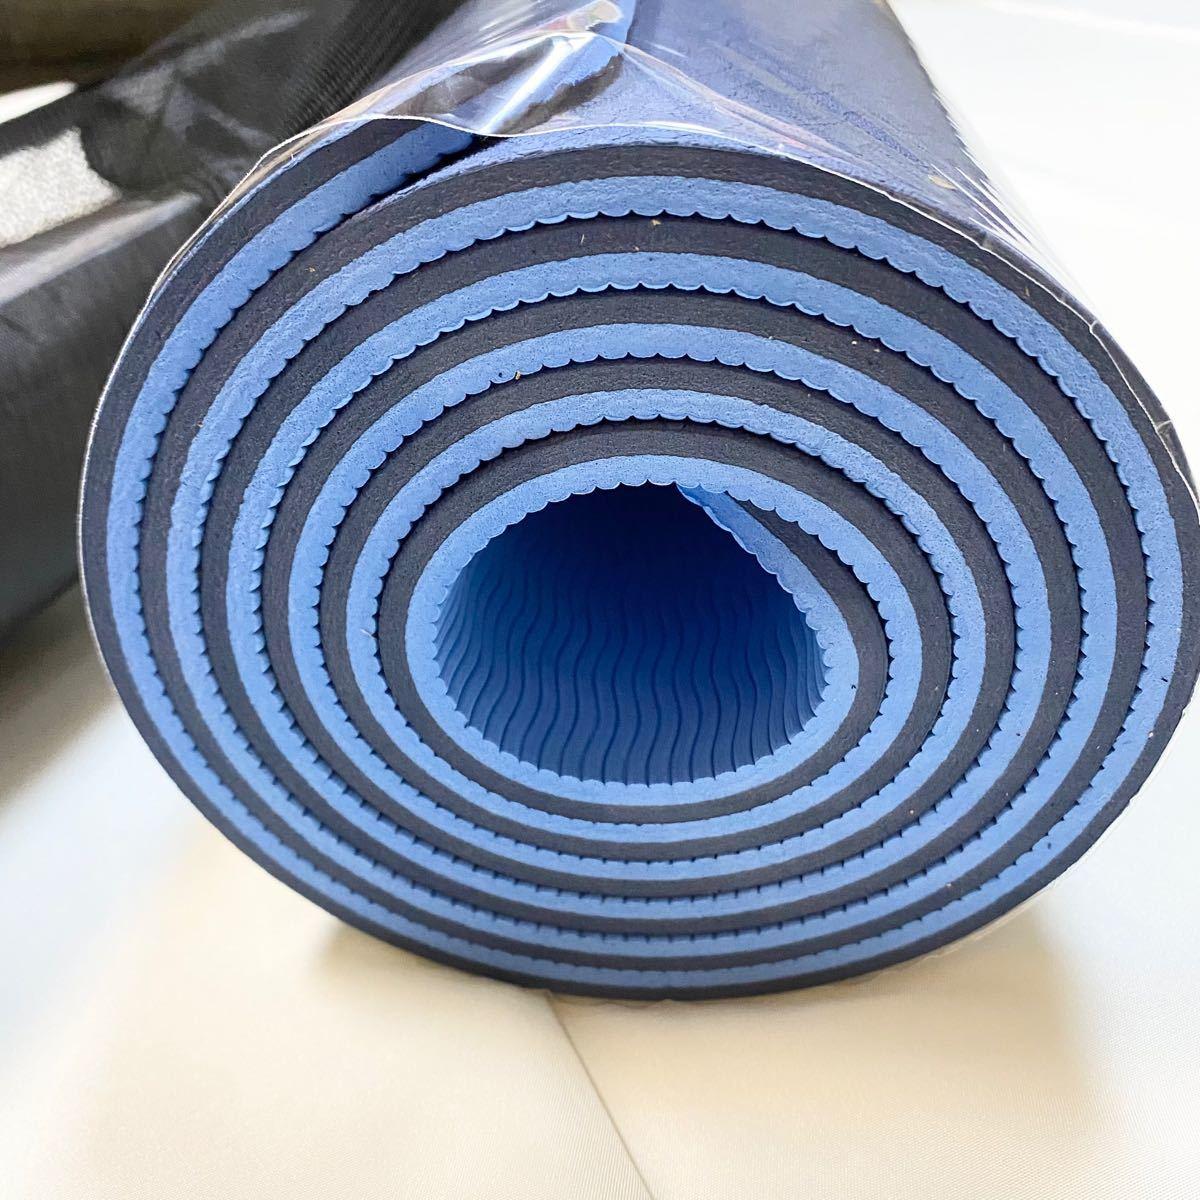 ヨガマット ネイビー  ブルー 未開封 収納袋付き